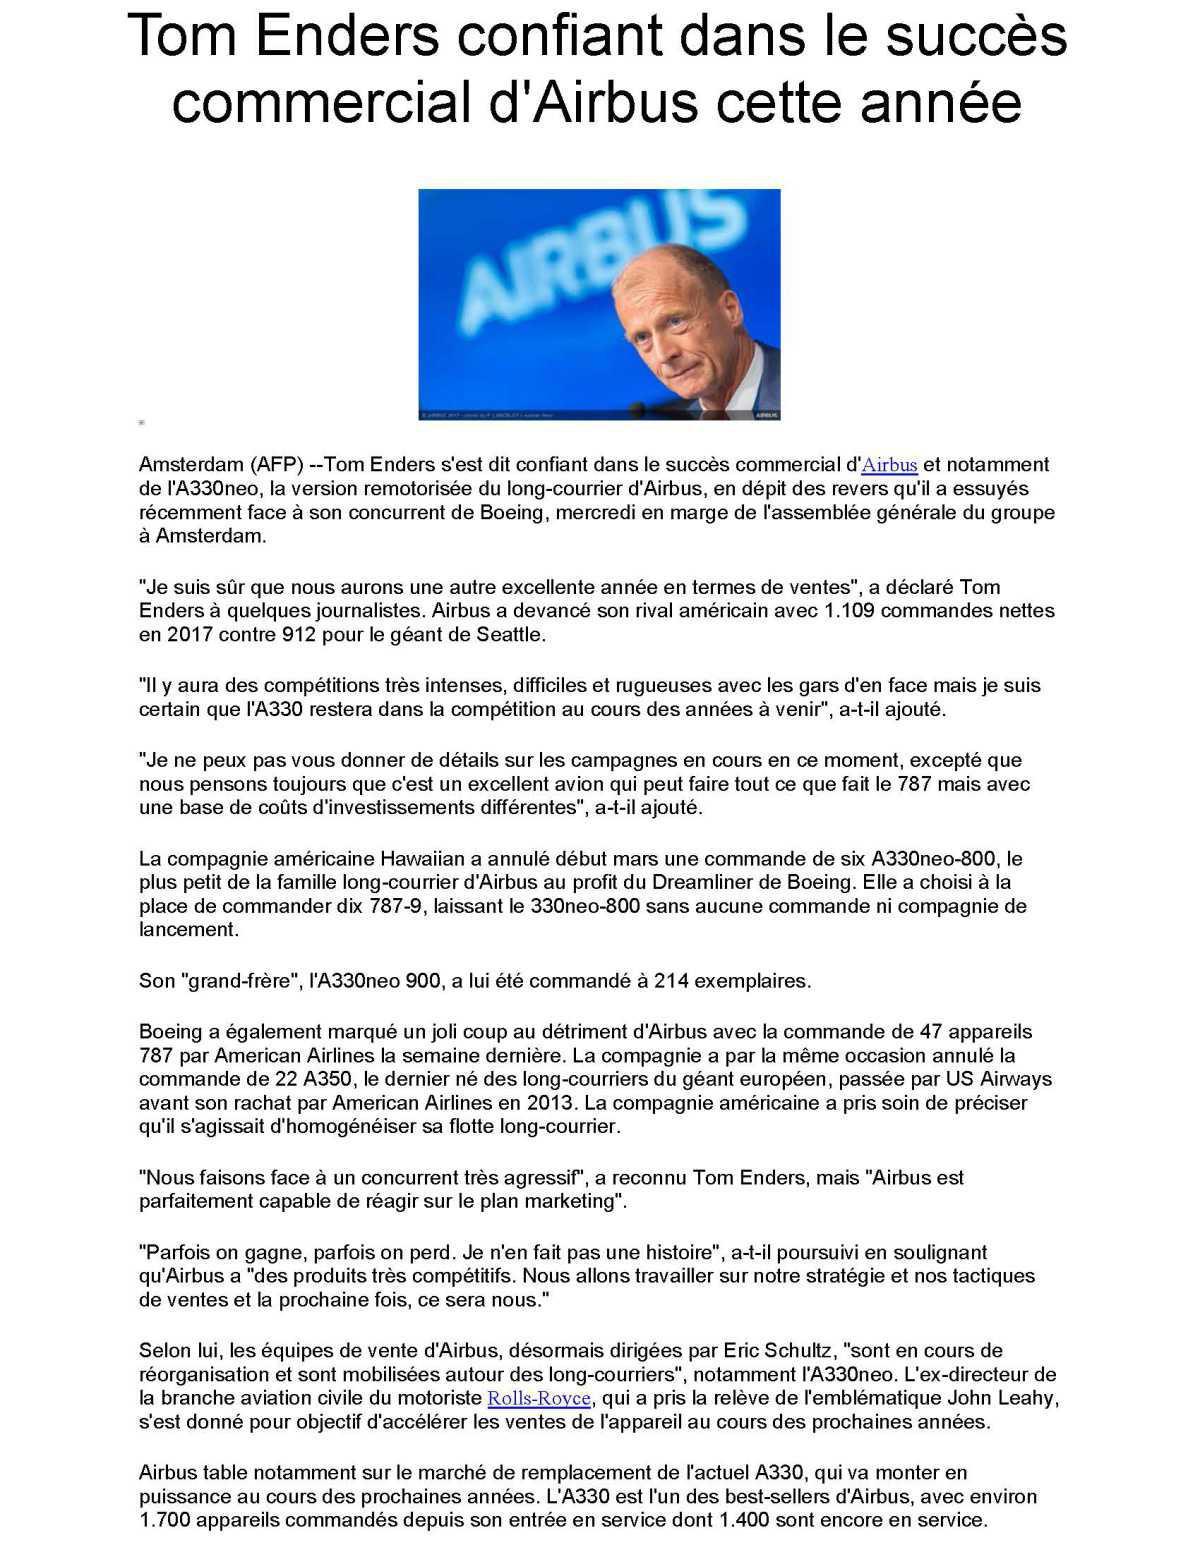 Tom Enders confiant dans le succès commercial d'Airbus cette année